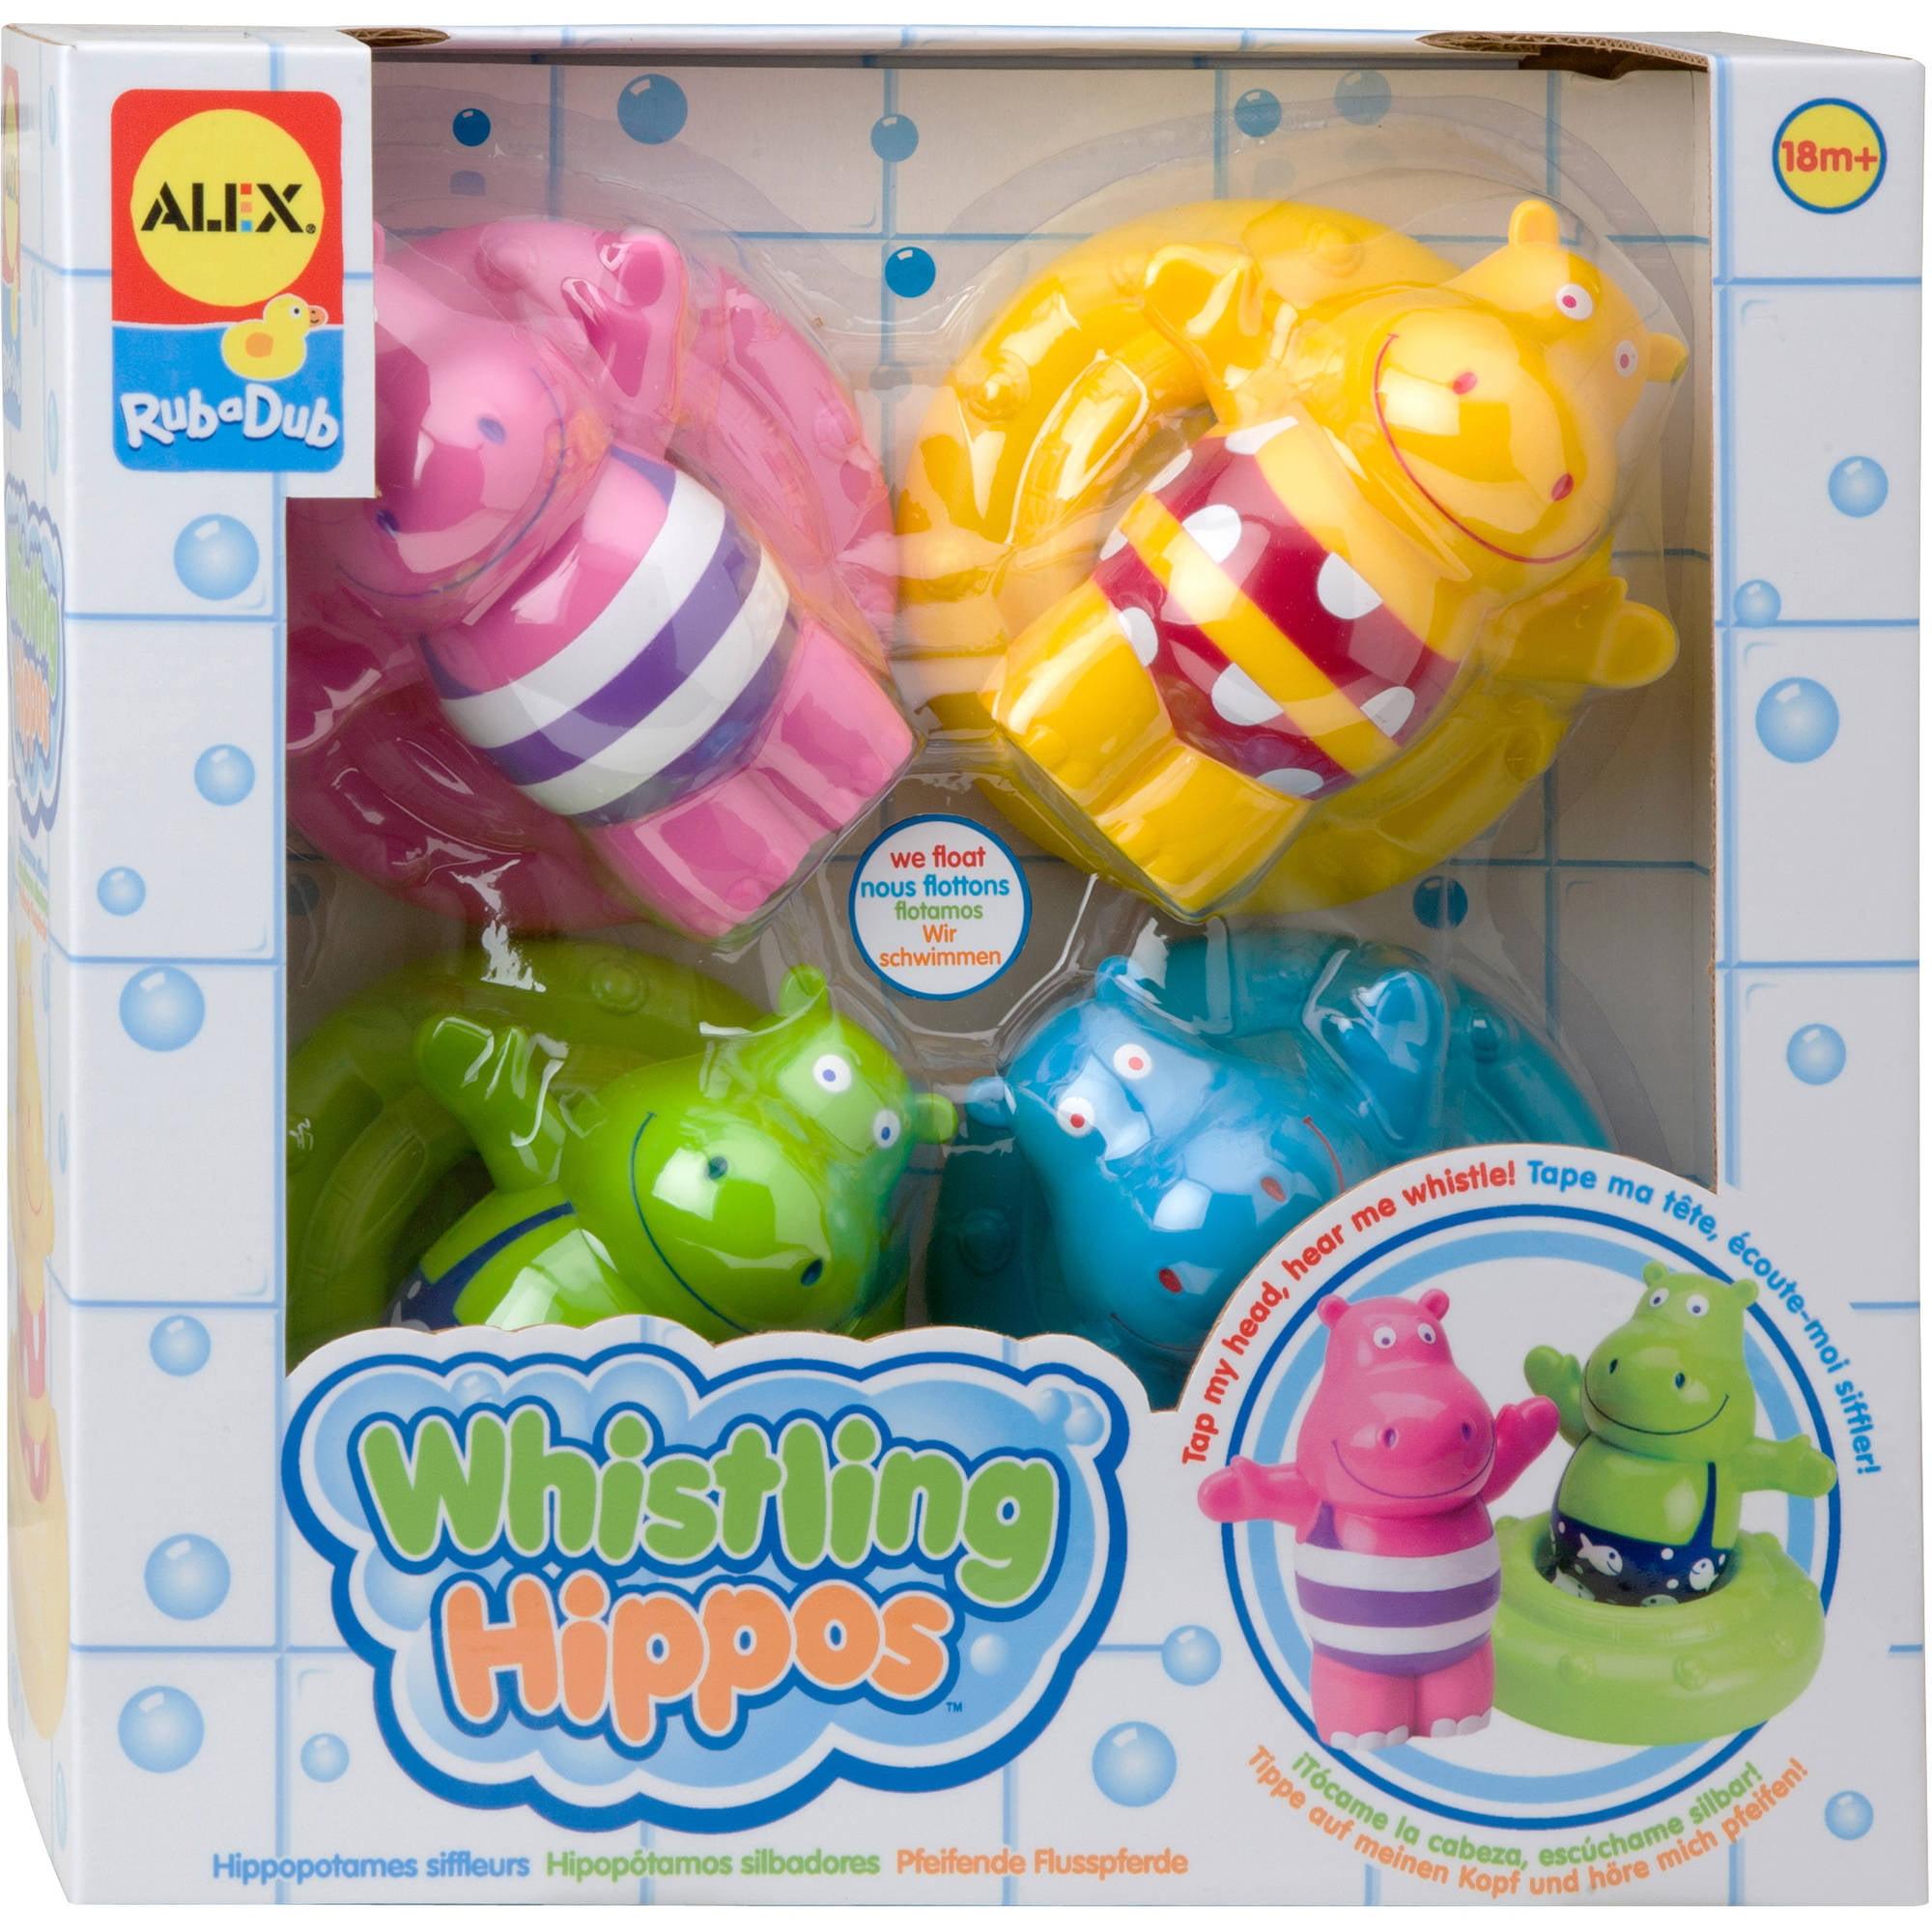 Alex Rub-a-Dub - Whistling Hippos